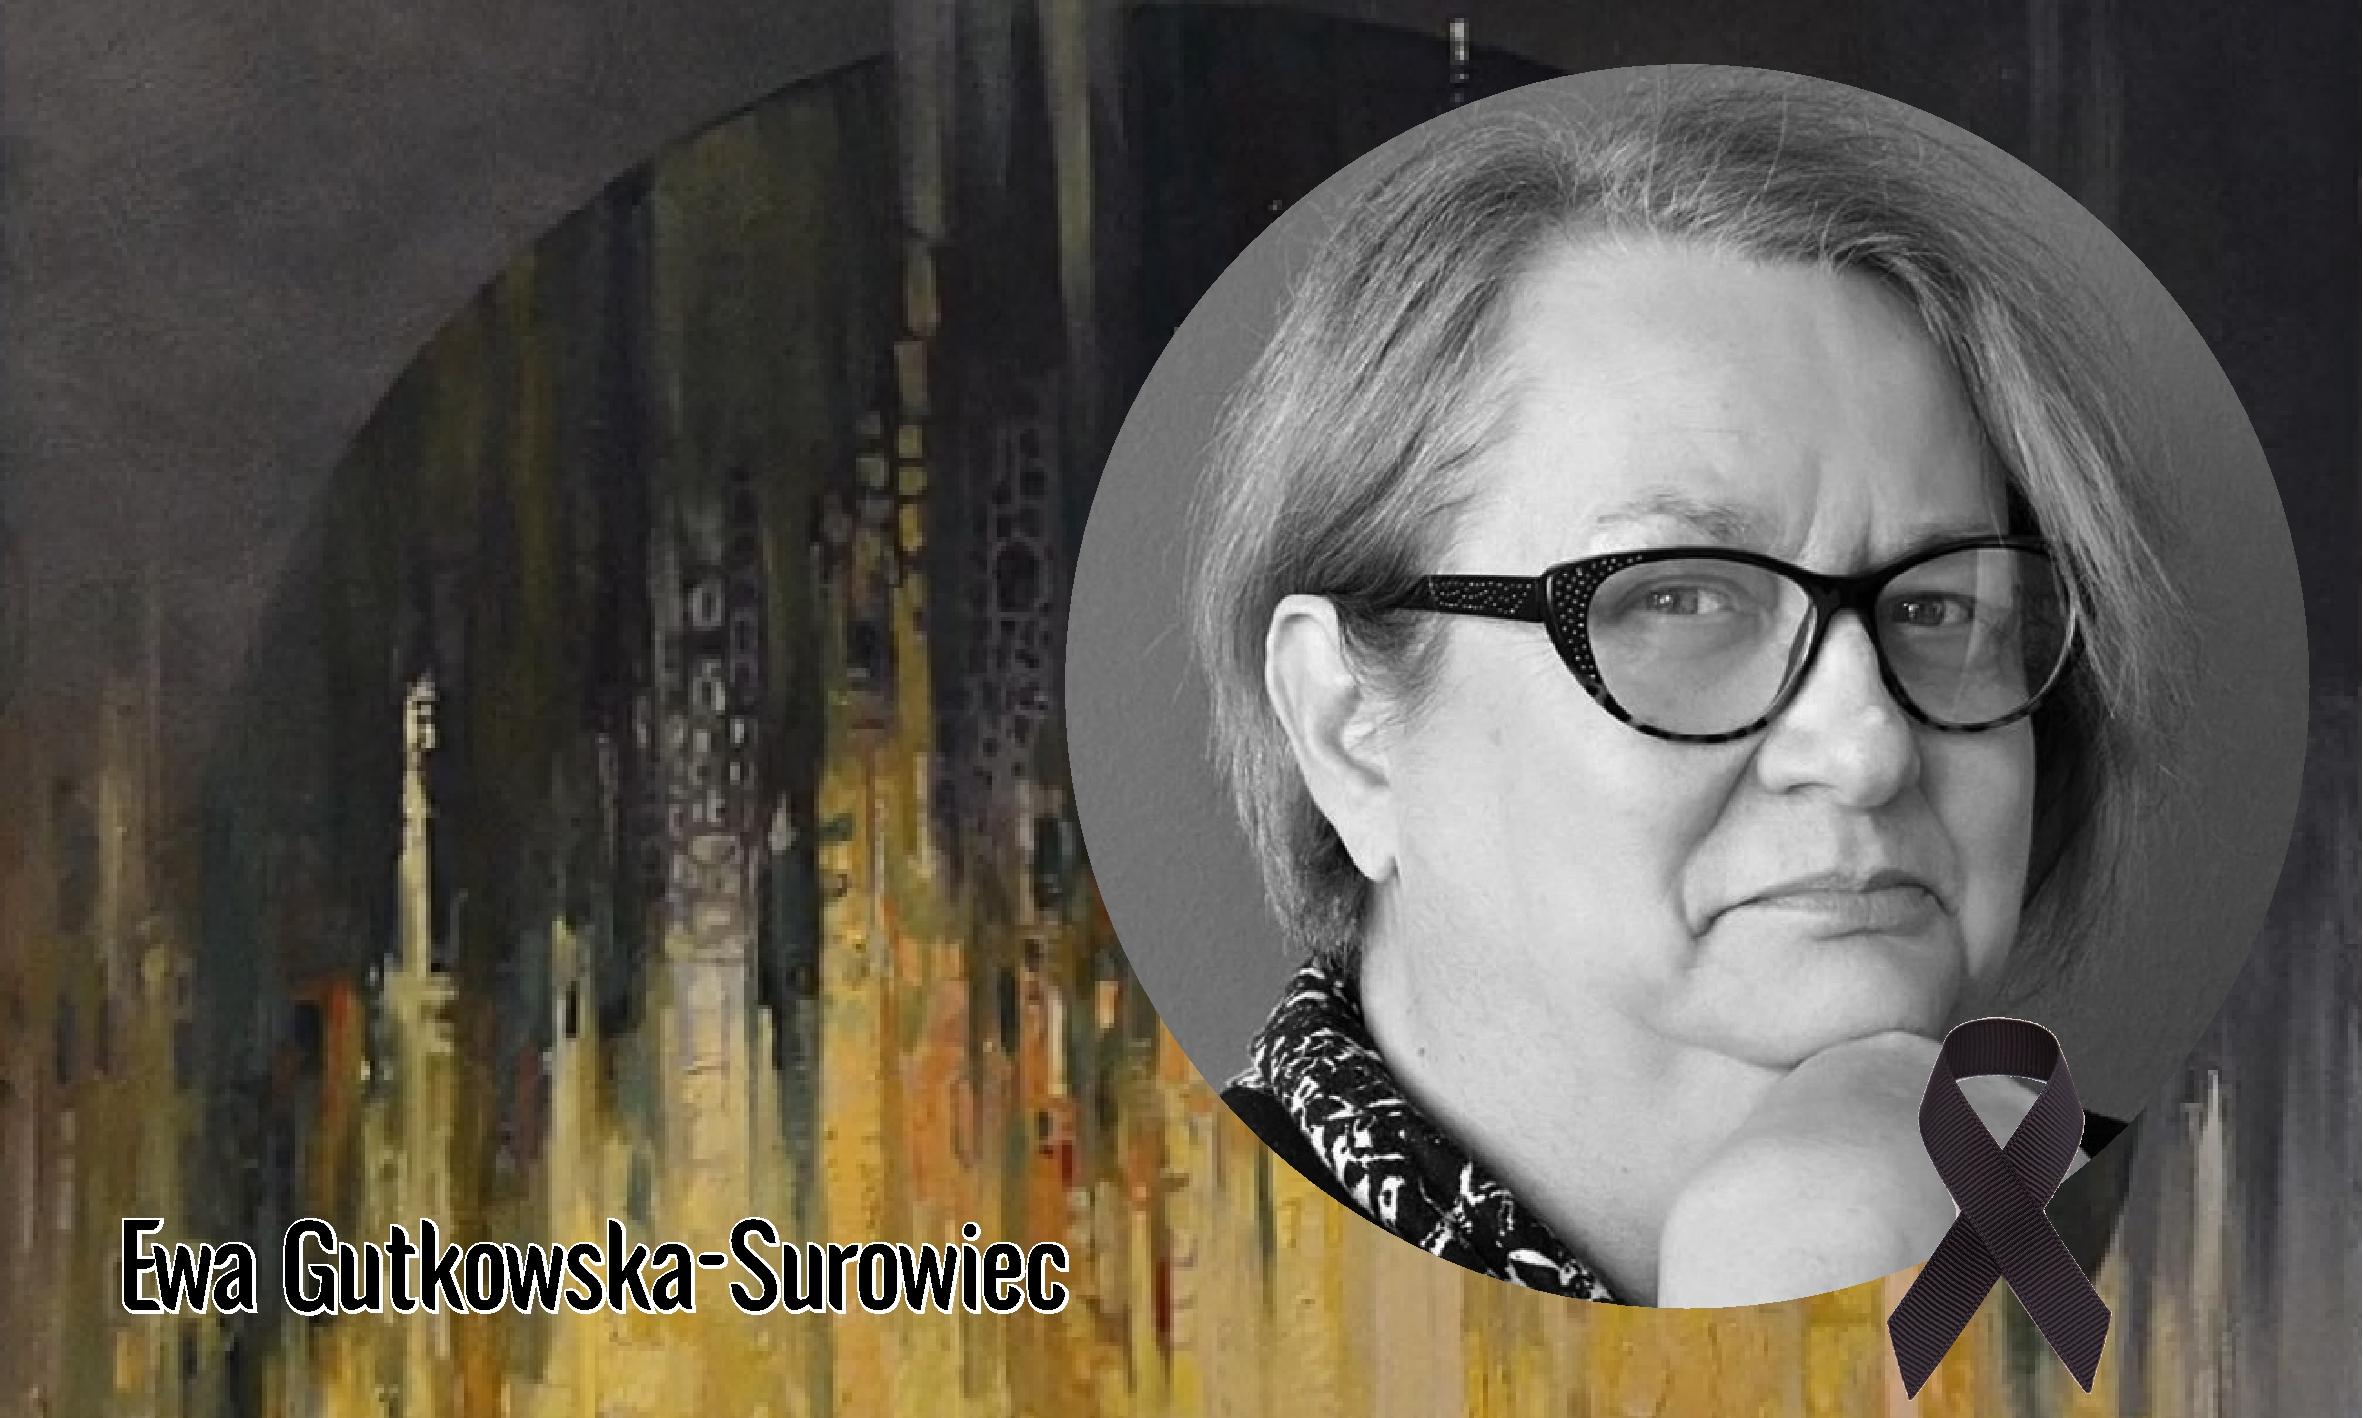 Pamięci Ewy Gutkowskiej-Surowiec…